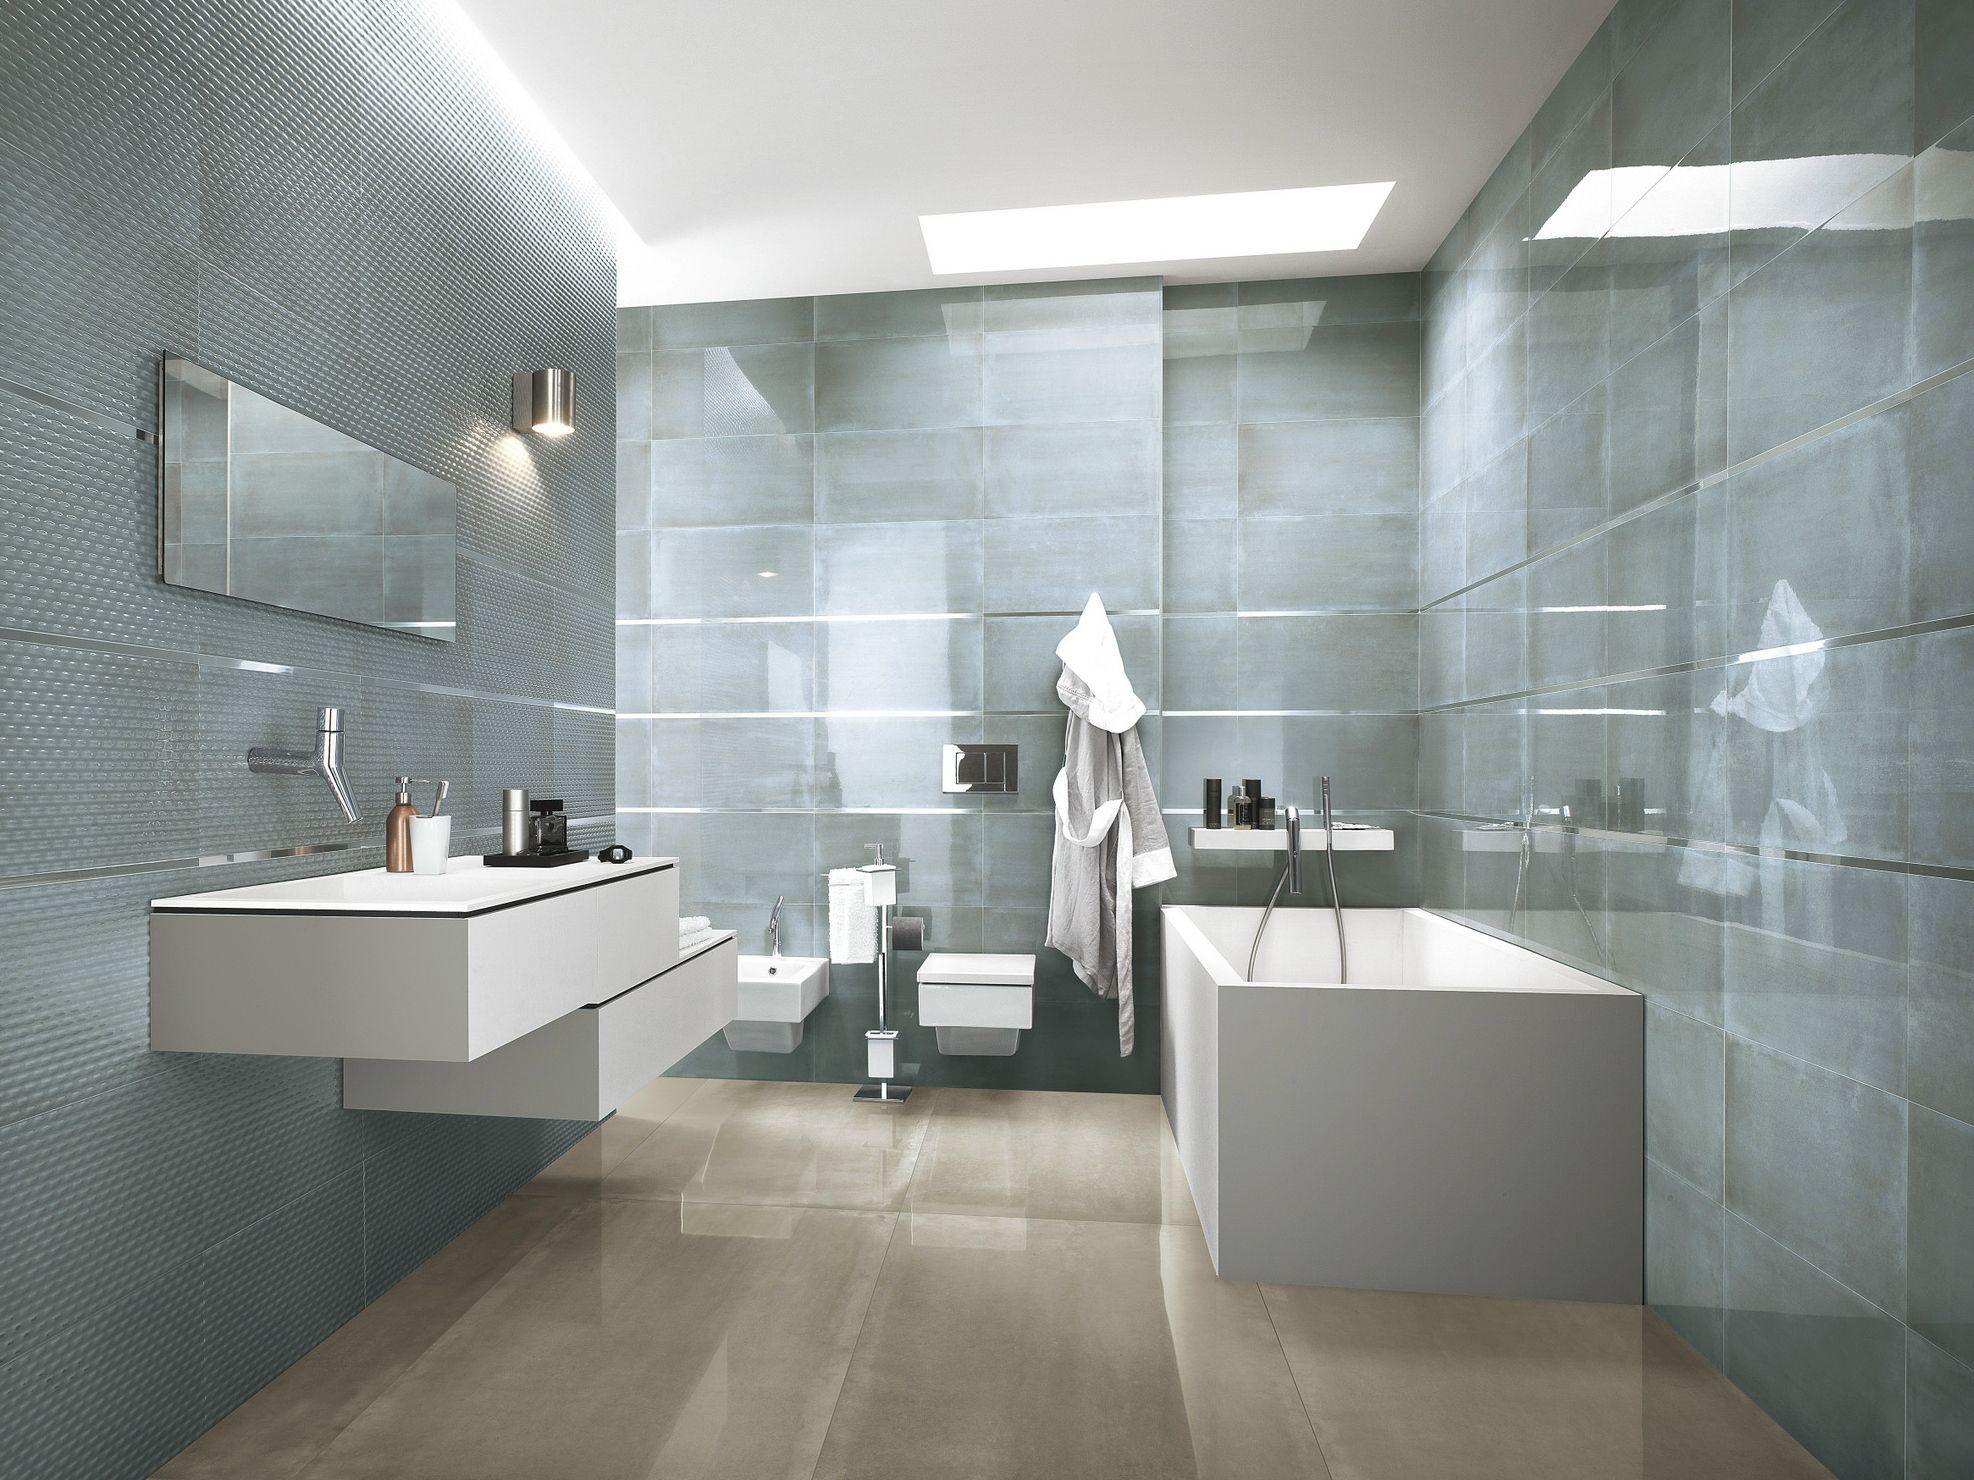 frame flooring by fap ceramiche. Black Bedroom Furniture Sets. Home Design Ideas